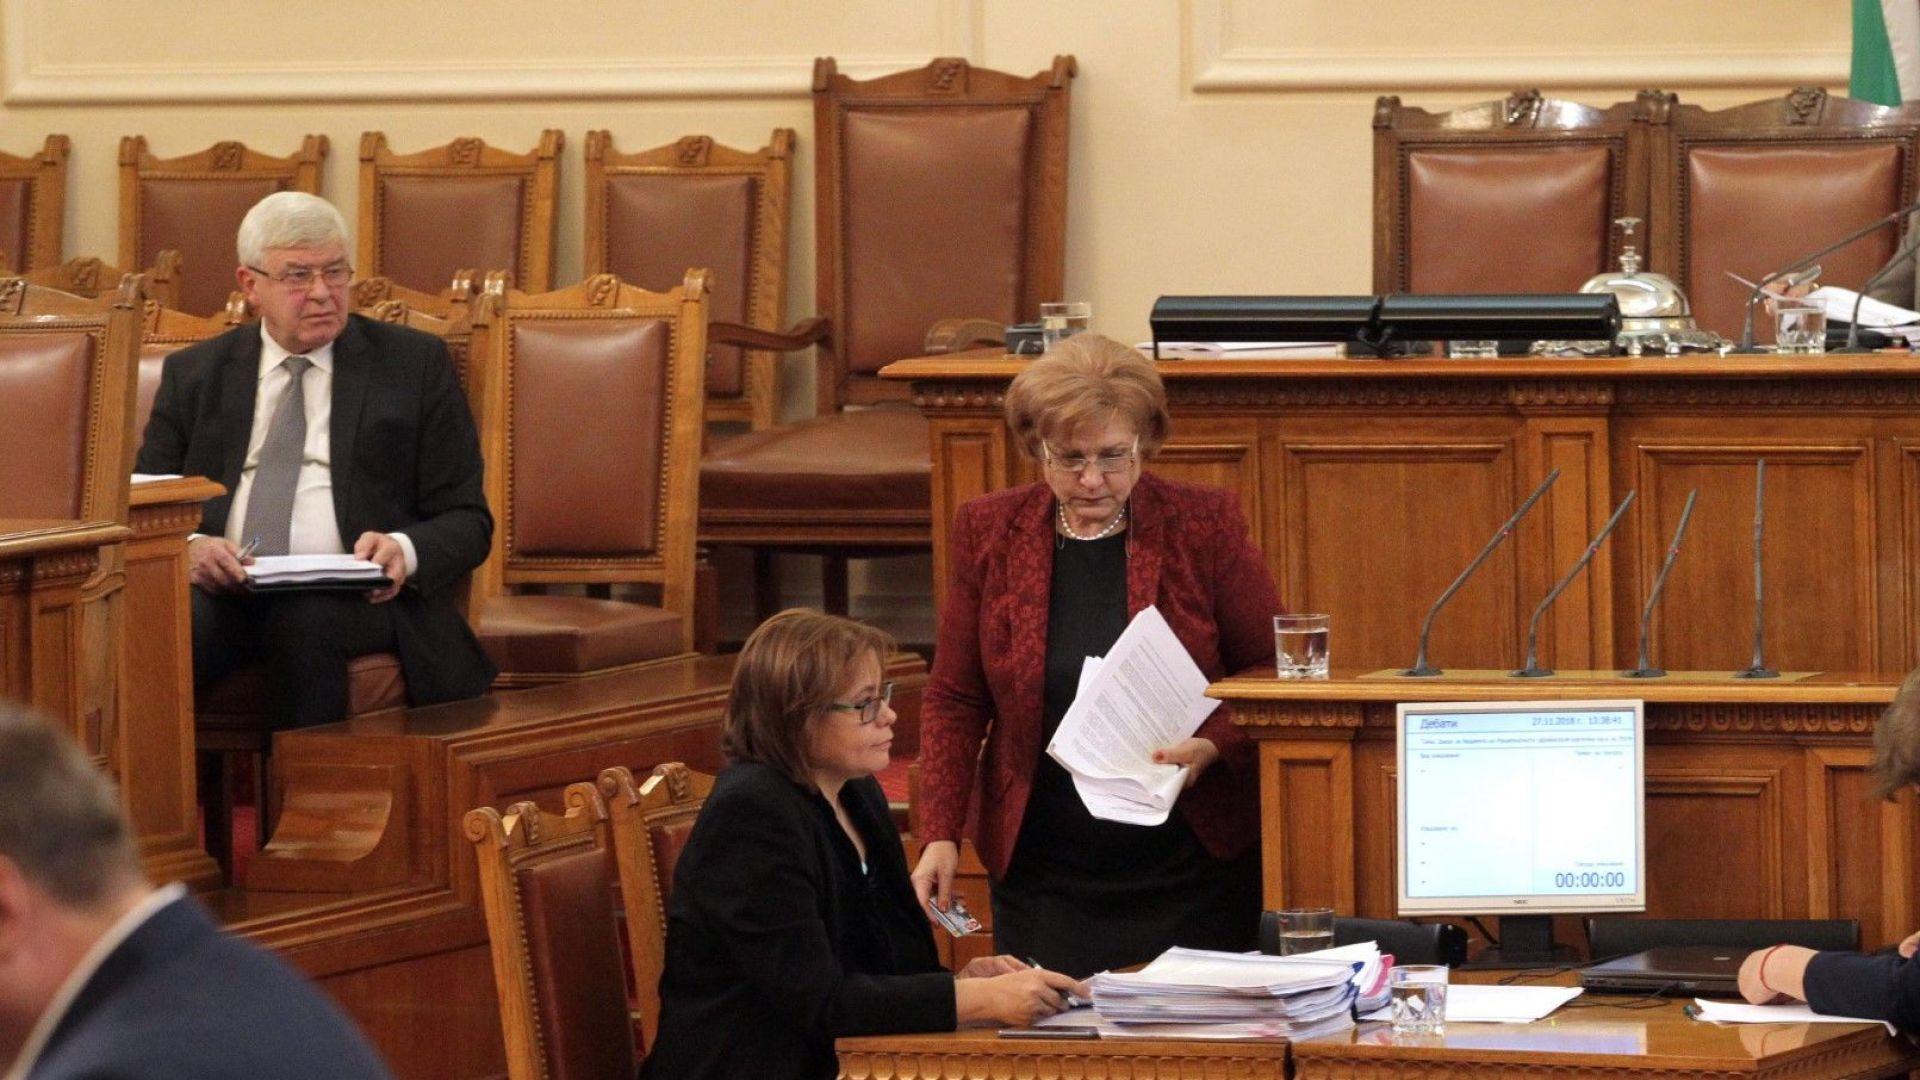 Има ли реформи, заложени в Бюджет 2019? Опозиция и управляващи се разминаха